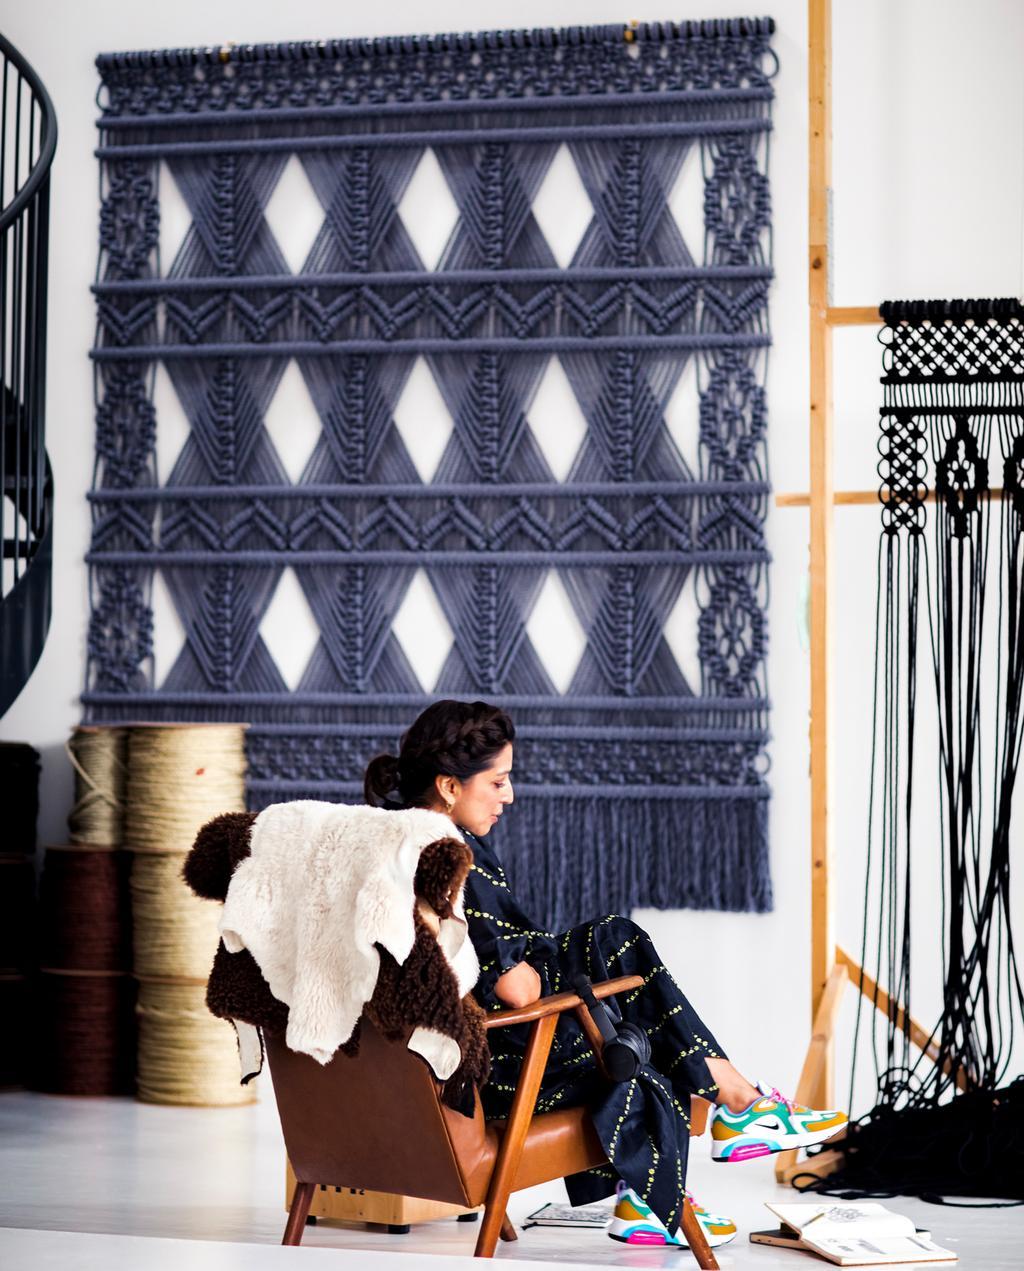 vtwonen 13-2019 | Ambacht Milla knopen op haar stoel | Ambacht hand geknoopte wandkleden